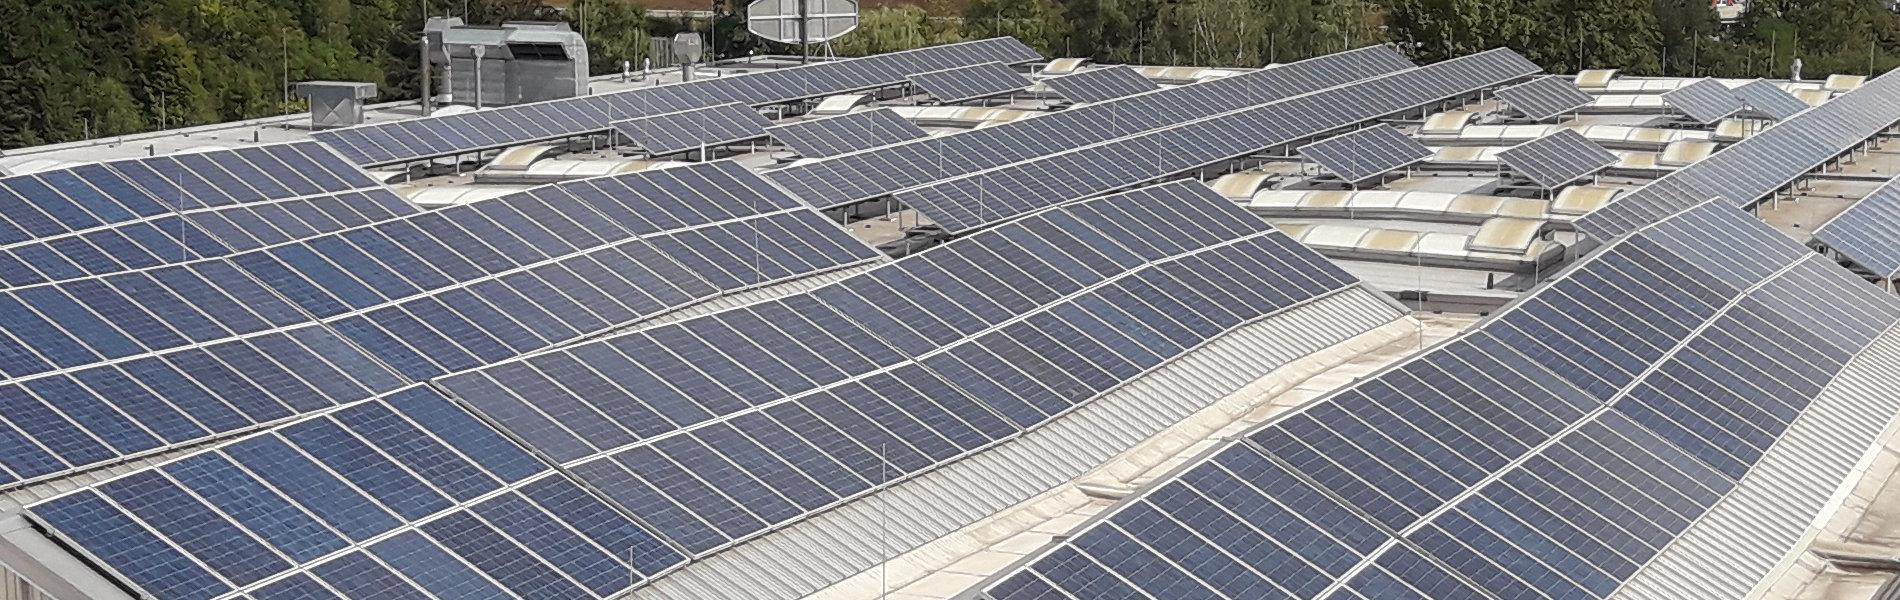 Sheddächer mit Photovoltaikanlage